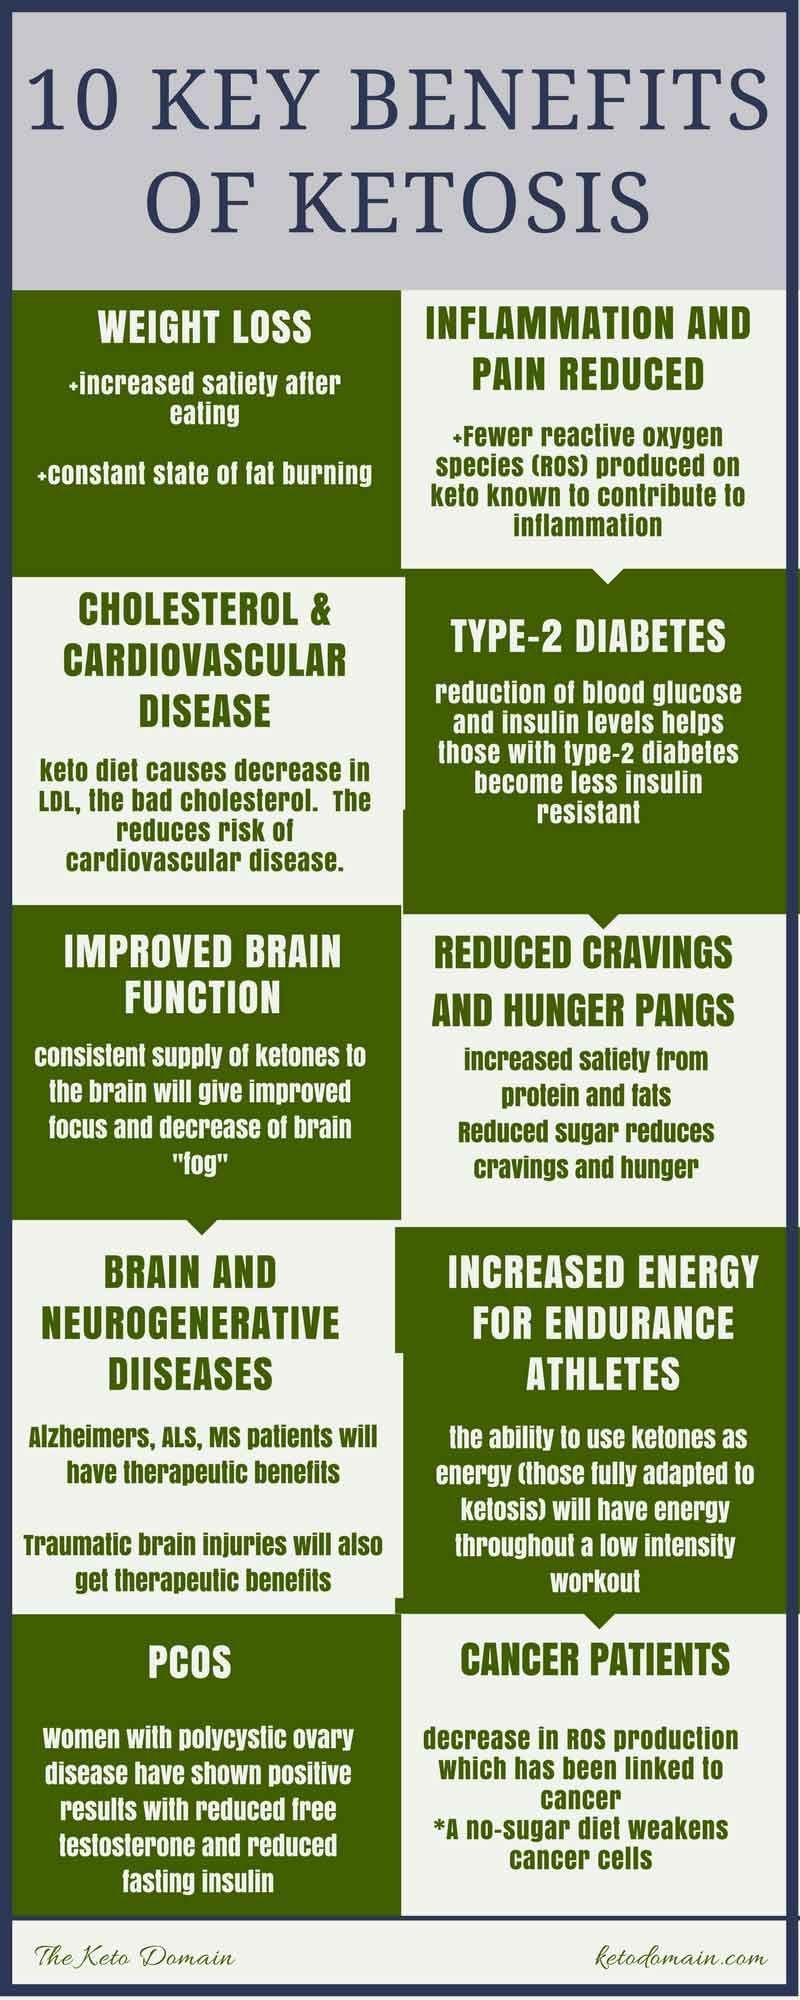 Key benefits of Keto